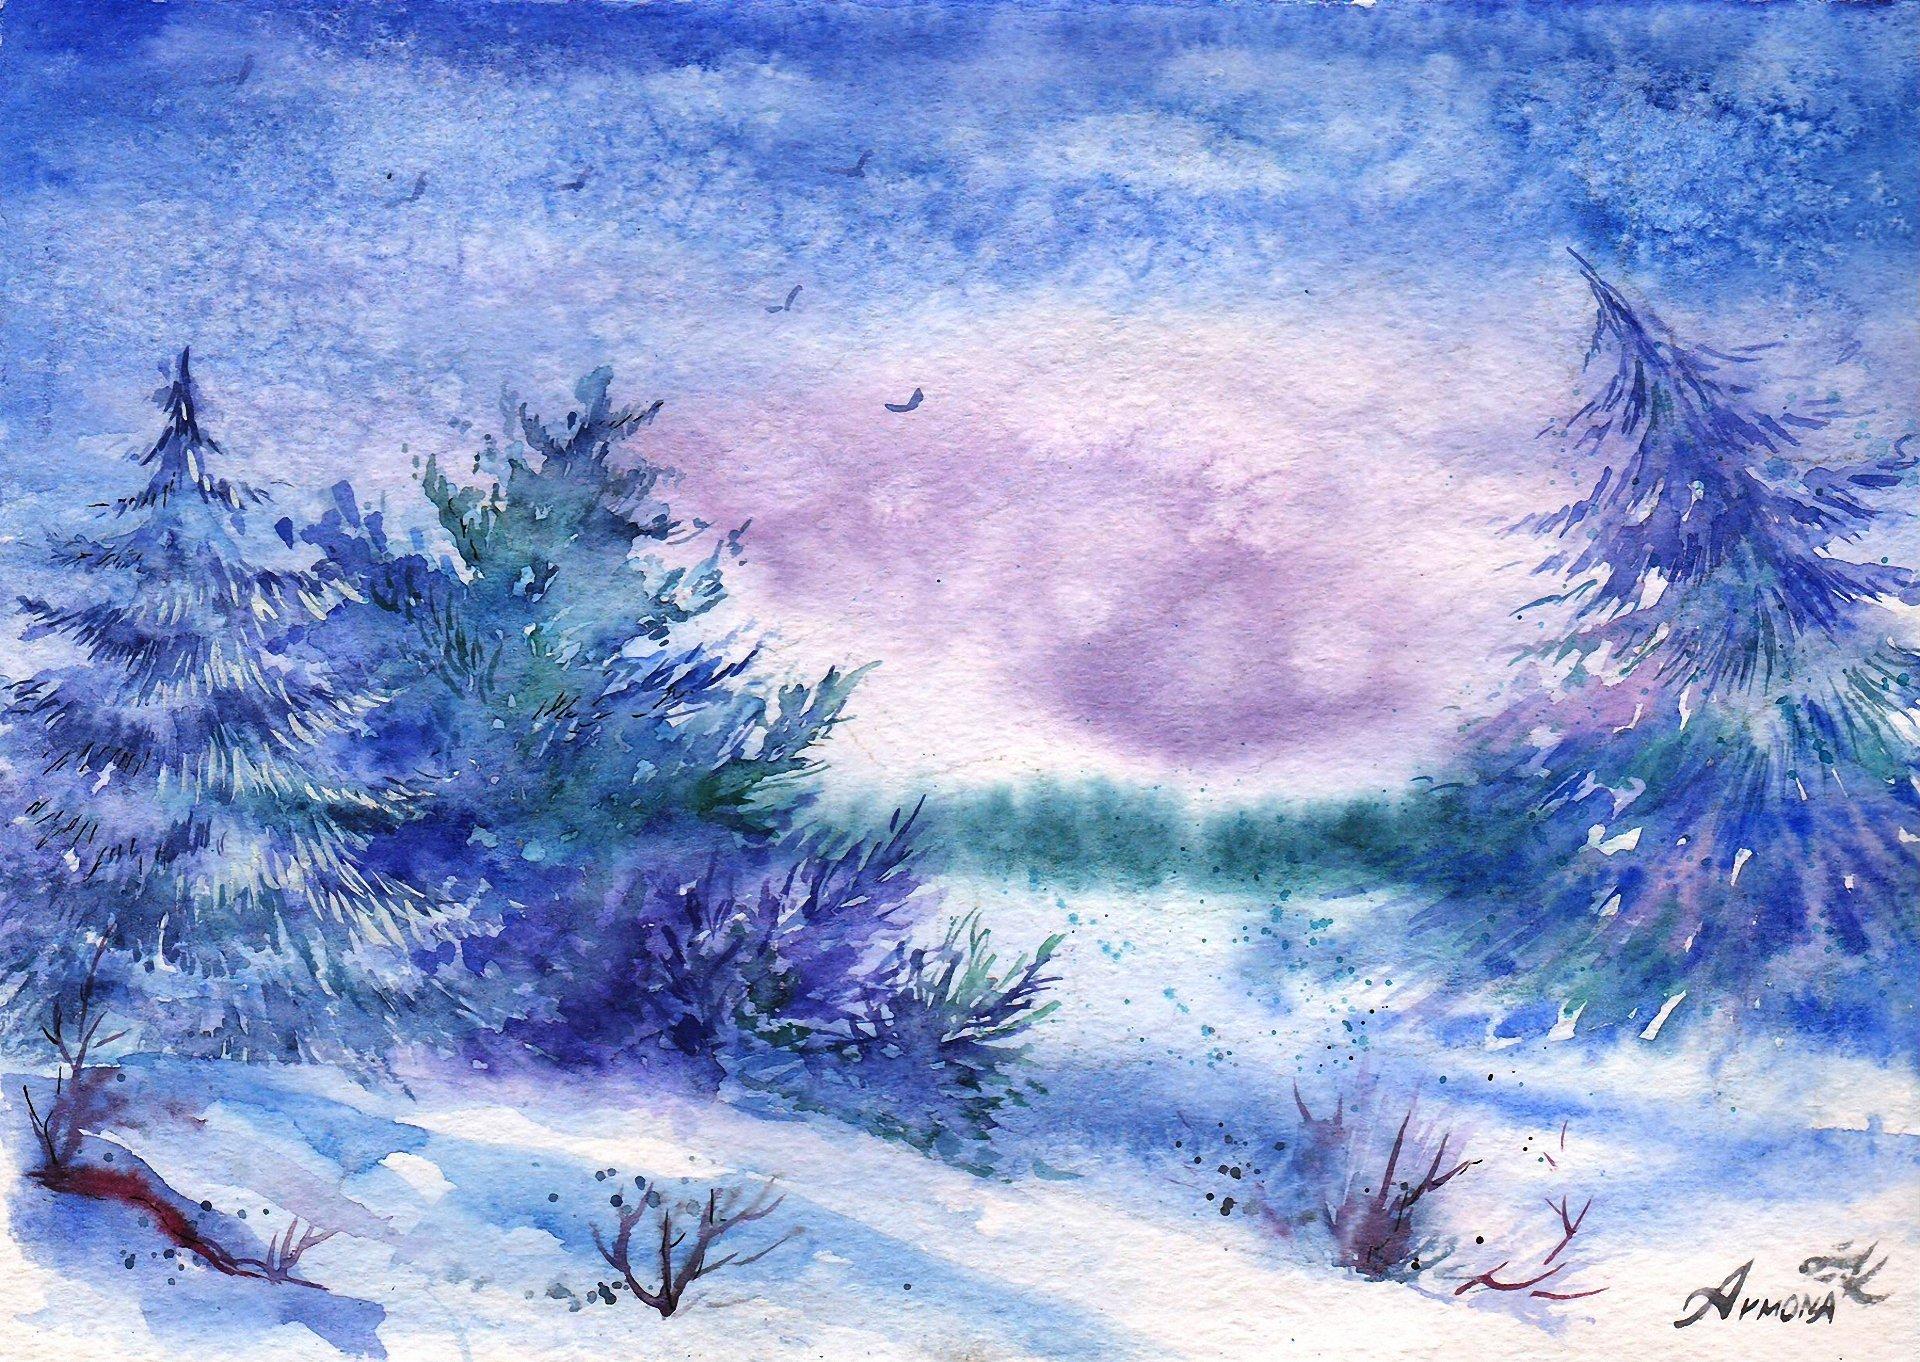 Как сделать снег на картинки из акварельных карандашей, надписи про новый